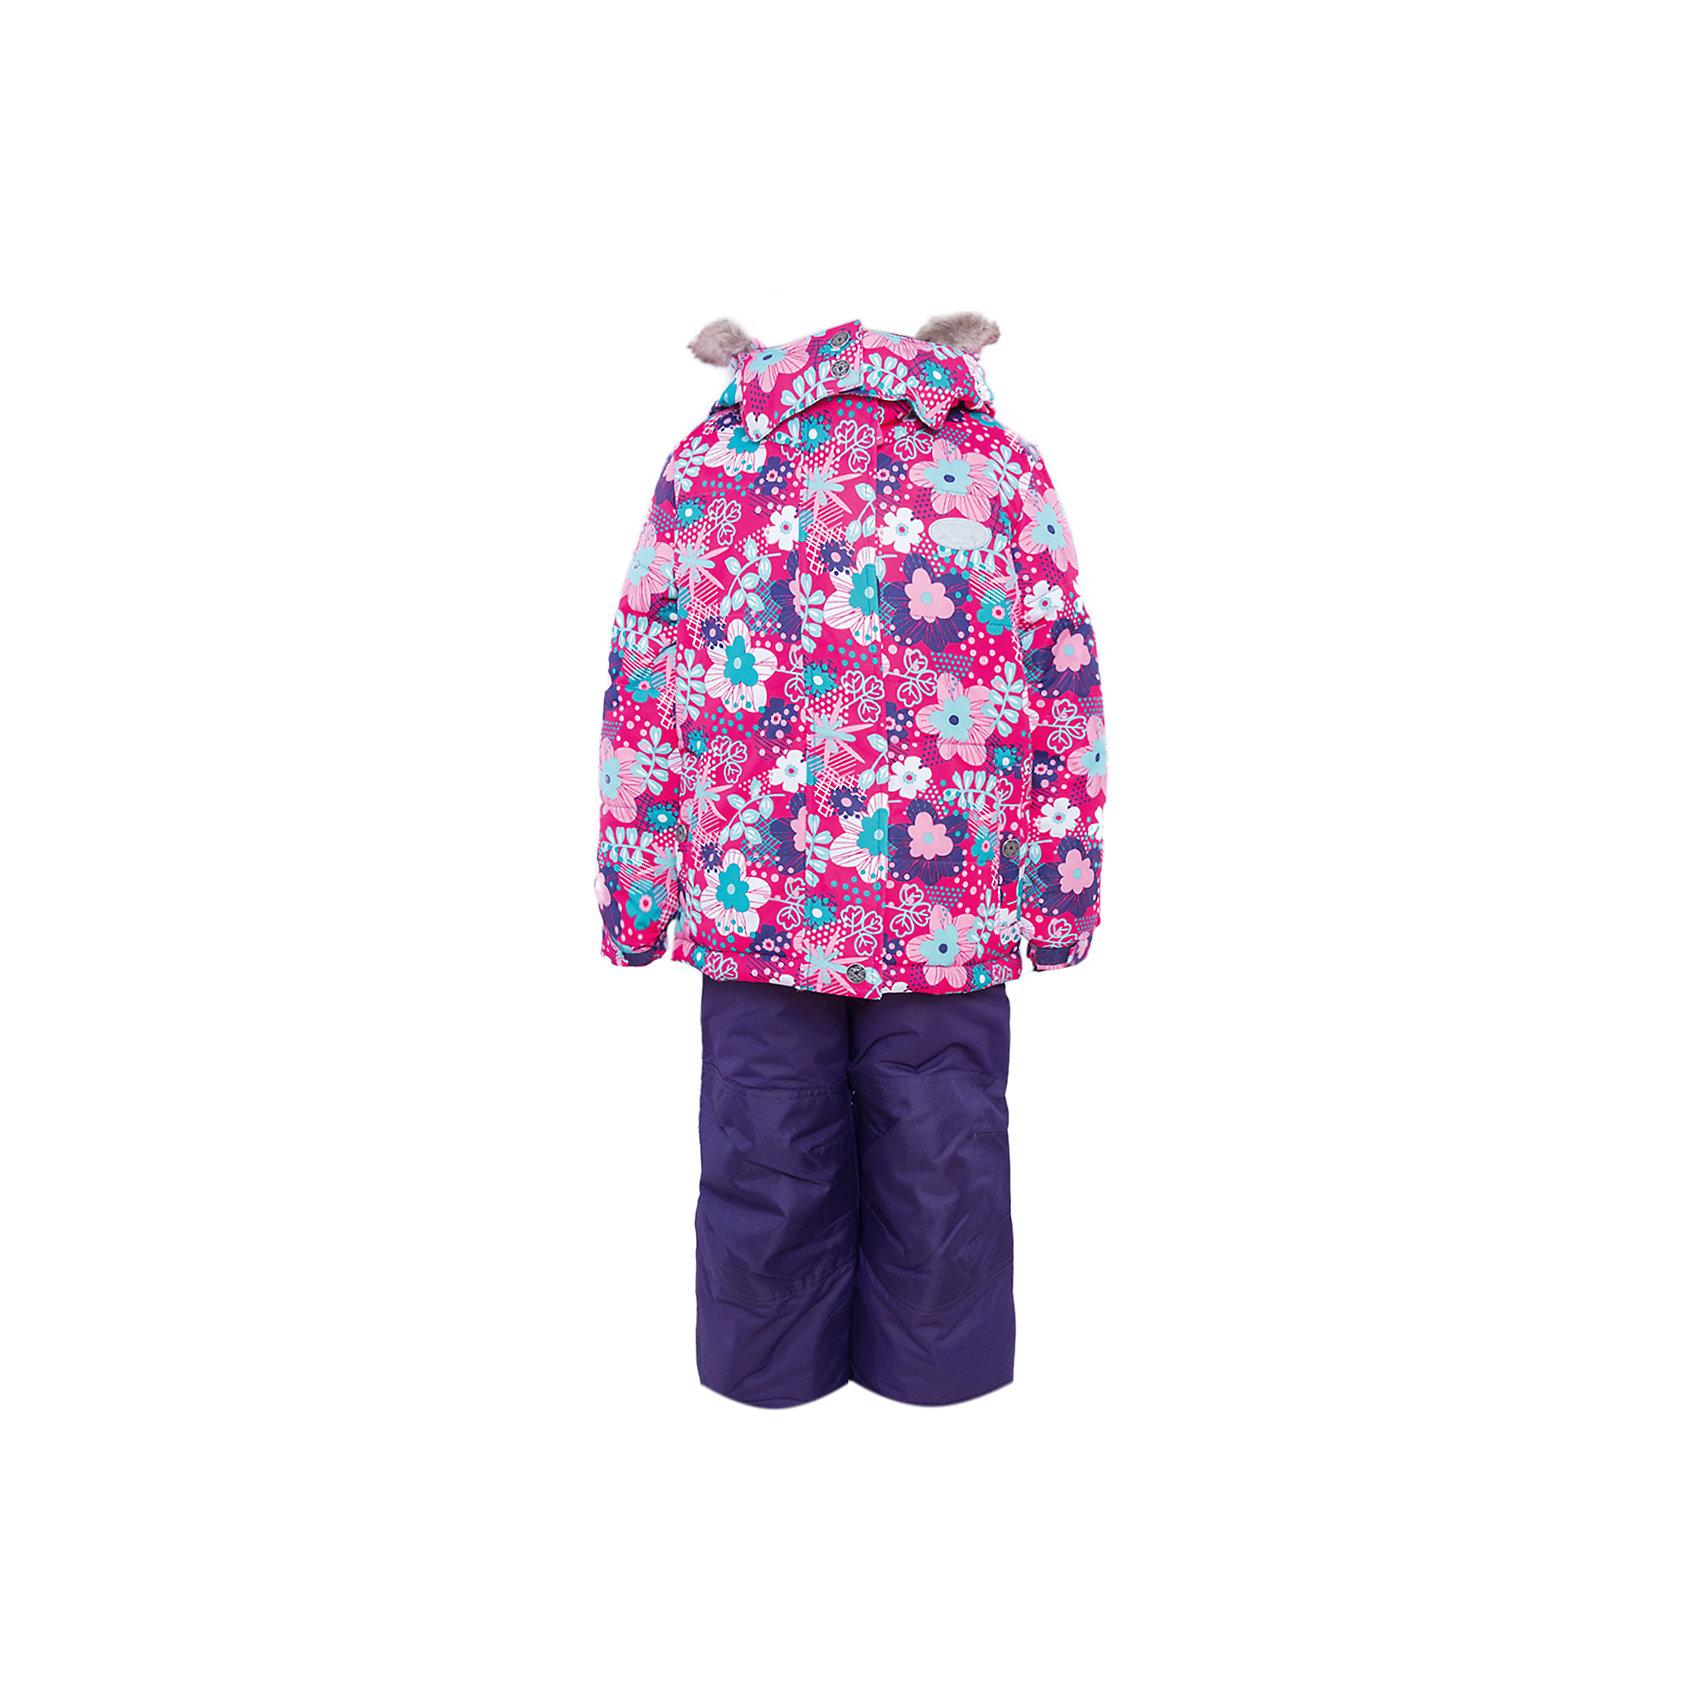 Костюм для девочки PremontВерхняя одежда<br>Костюм для девочки от известного бренда Premont.<br>Монреаль – это сердце Канады, как считают сами канадцы. В нем собрано все в очень деликатном и изящном букете, любоваться которым можно не один день. Особое очарование Монреаль приобретает весной, когда город наполняется цветущими тюльпанами, сиренью и магнолиями, именно эти цветы графично изображены в принте «Цветущий Монреаль».<br>Состав:<br>Ткань верха: мембрана 5000мм/5000г/м2/24h, Taslan<br>Подклад: Polarfleece (тело, капюшон, манжеты), Taffeta (брюки, рукава, снежная юбка) Утеплитель: Tech-polyfill (куртка 280г, брюки 180г)<br><br>Ширина мм: 356<br>Глубина мм: 10<br>Высота мм: 245<br>Вес г: 519<br>Цвет: красный<br>Возраст от месяцев: 36<br>Возраст до месяцев: 36<br>Пол: Женский<br>Возраст: Детский<br>Размер: 100,92,128,122,120,116,110,104,98<br>SKU: 4996754